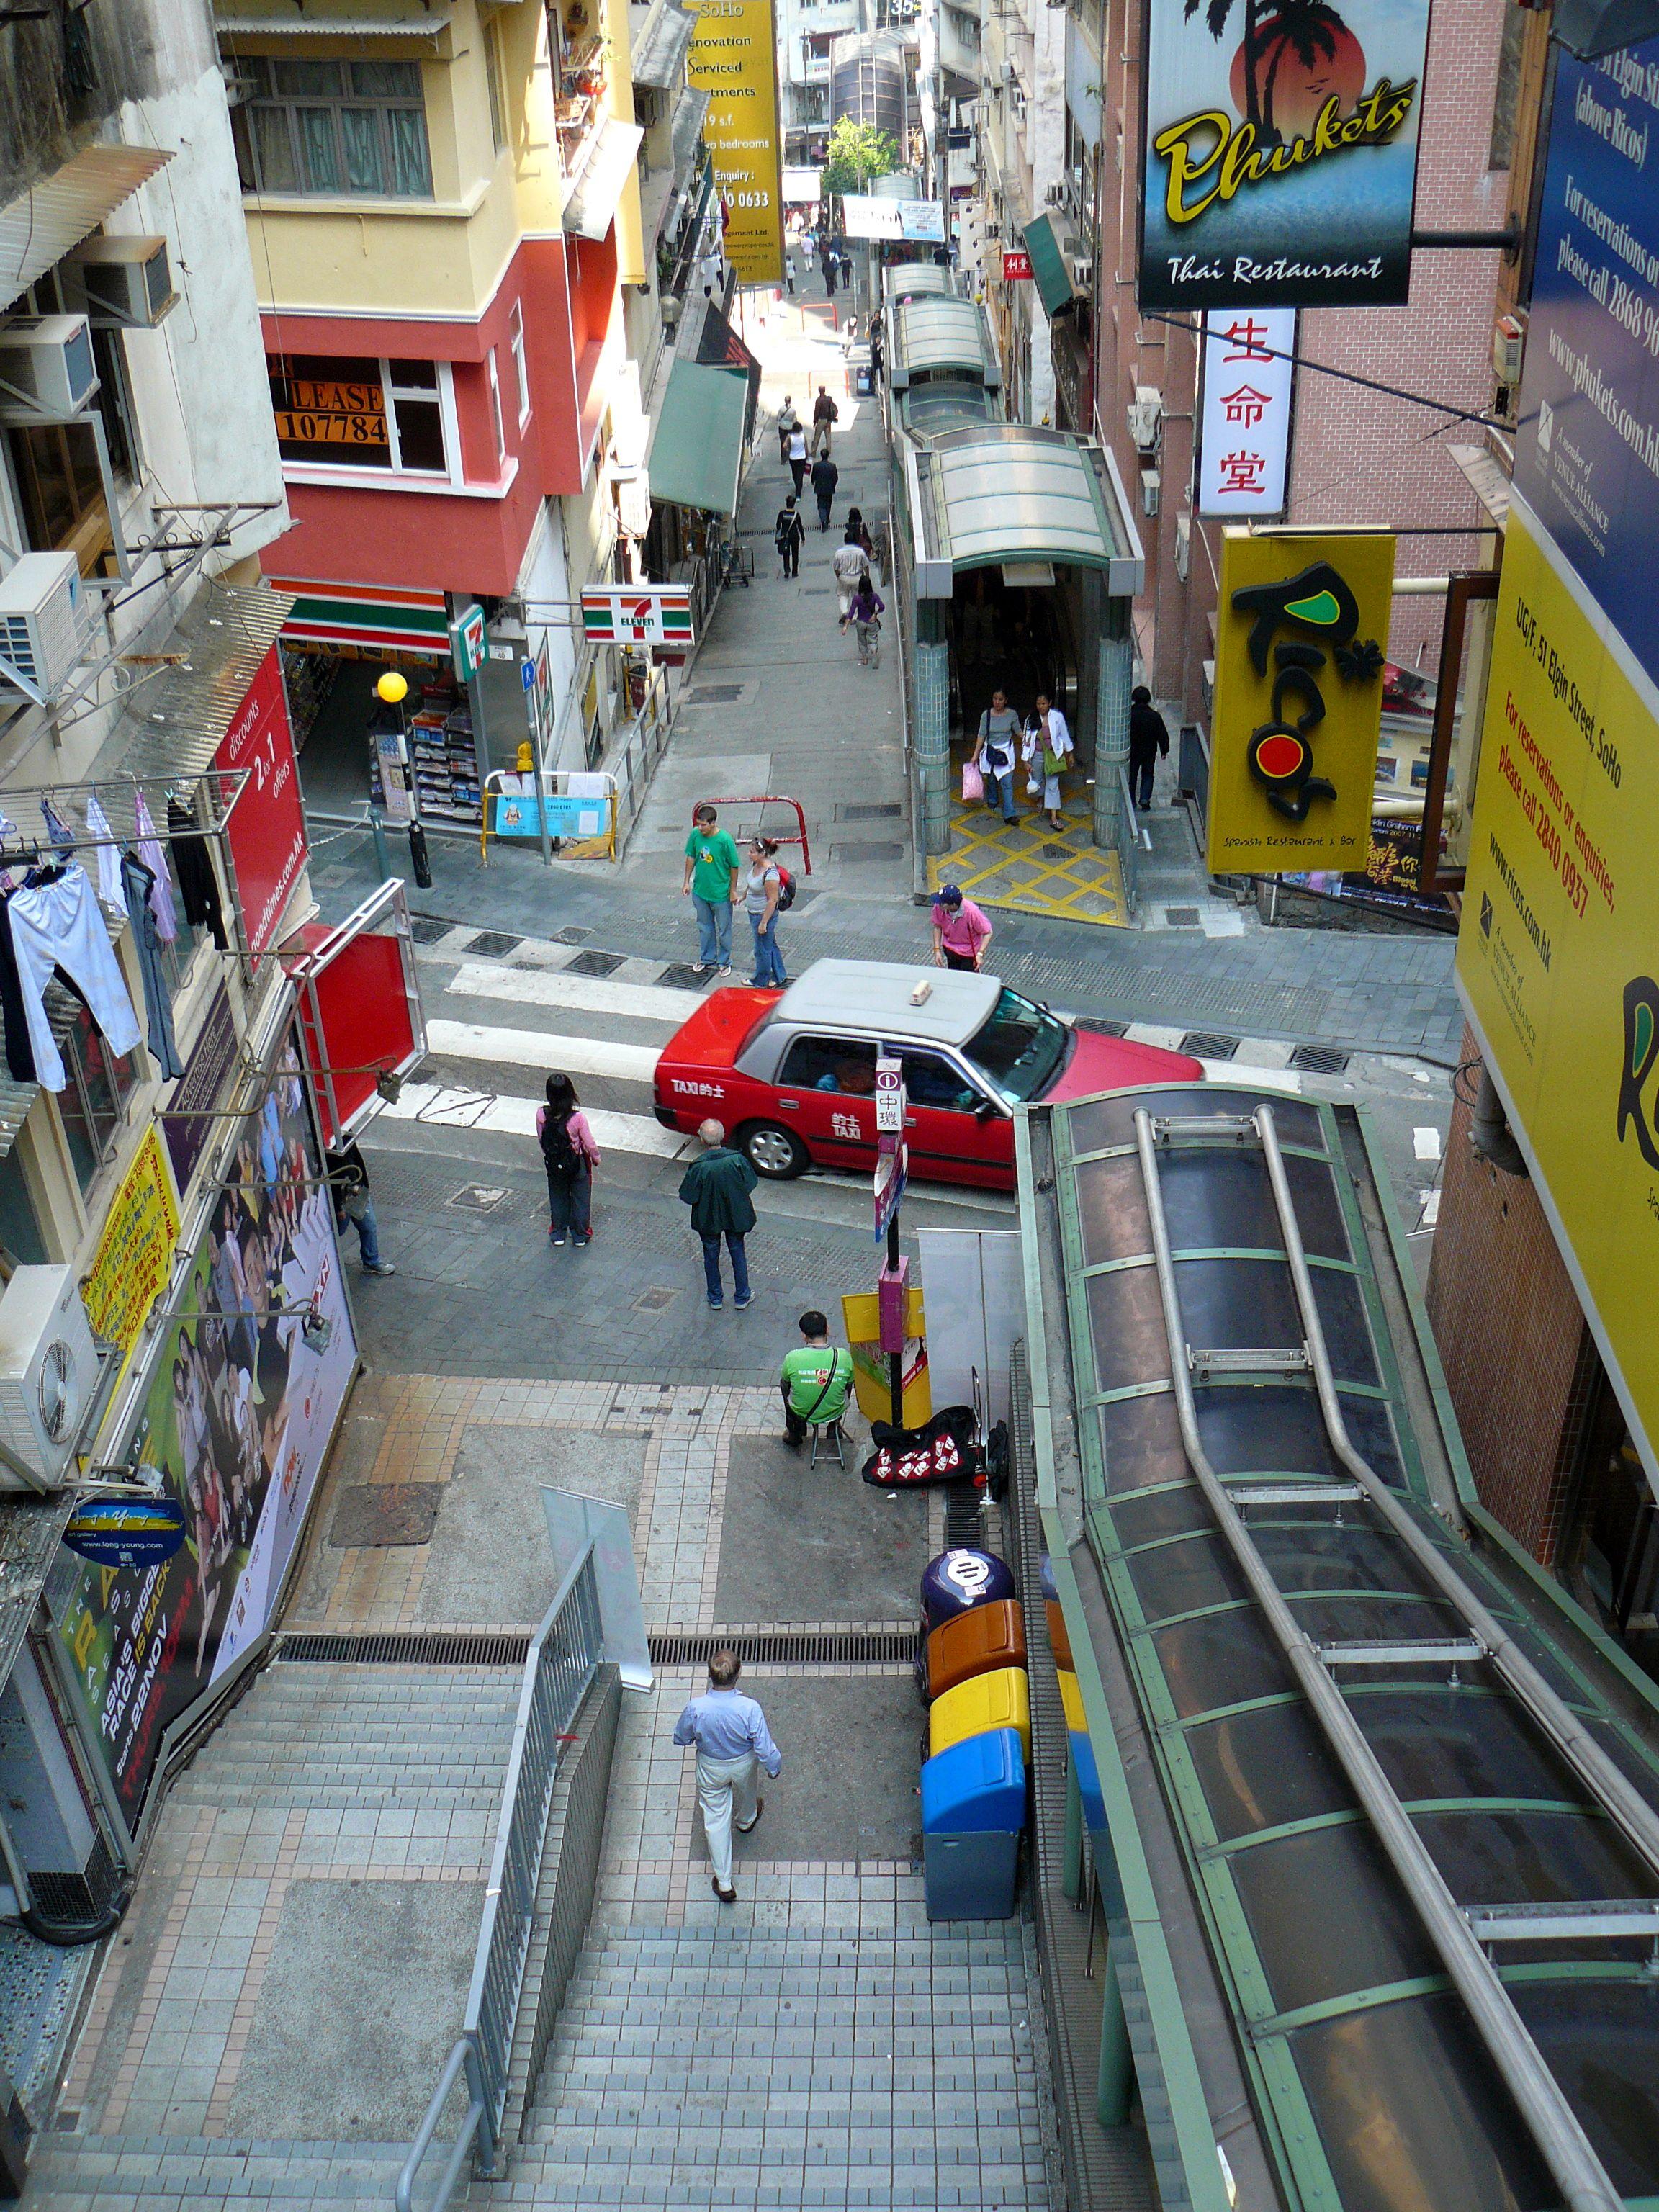 File:Mid-Levels Escalator, Hong Kong (2052785350) jpg